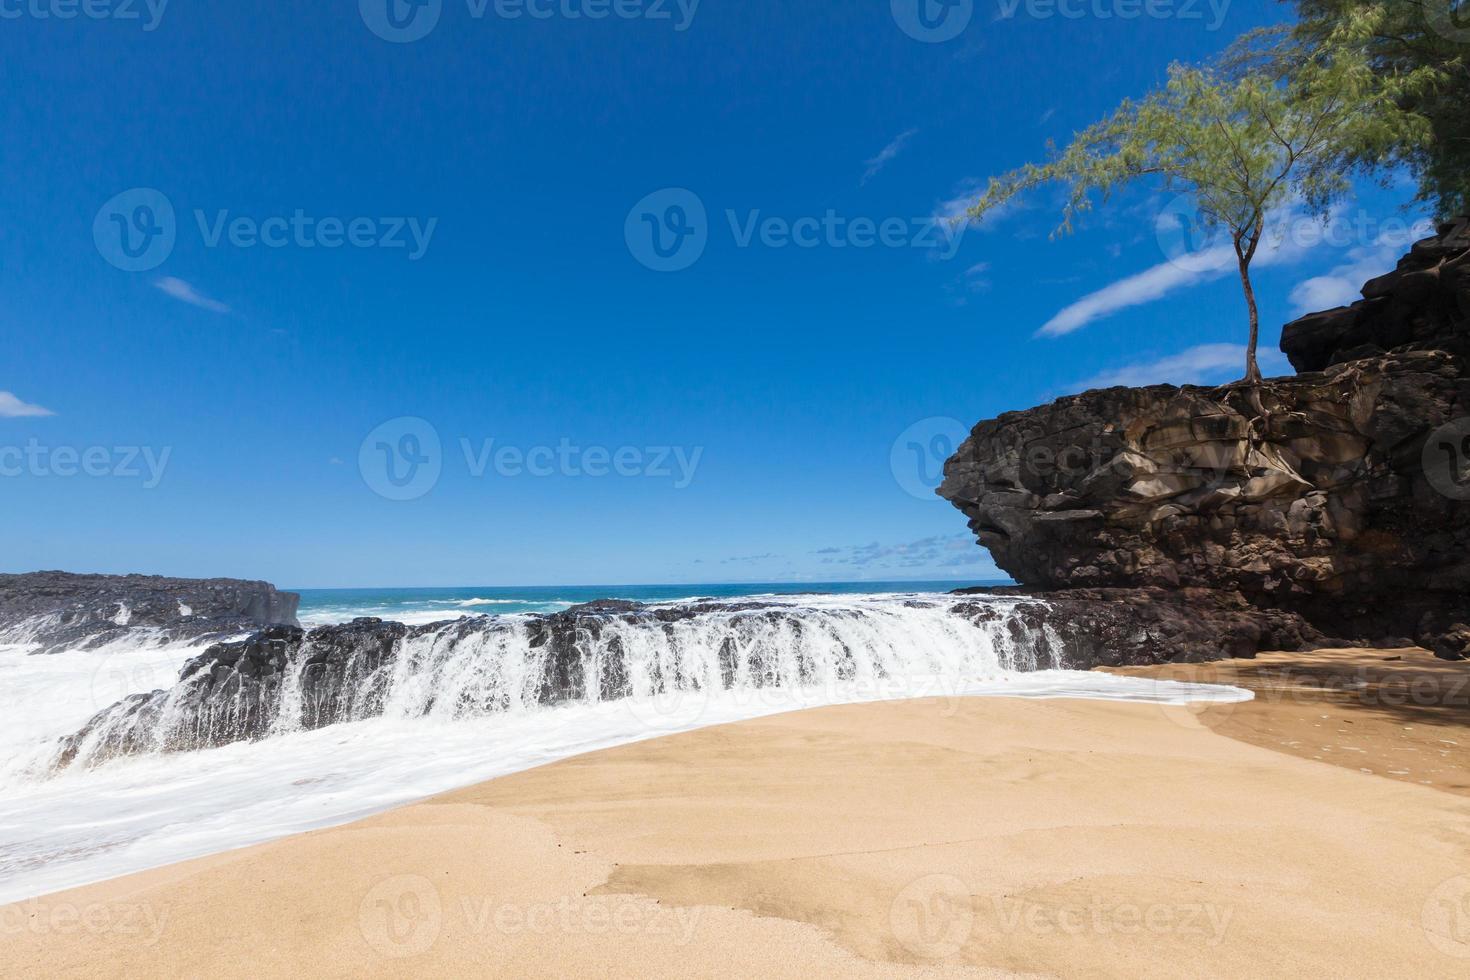 ondas espirrando sobre rocha de lava na bela praia tropical foto